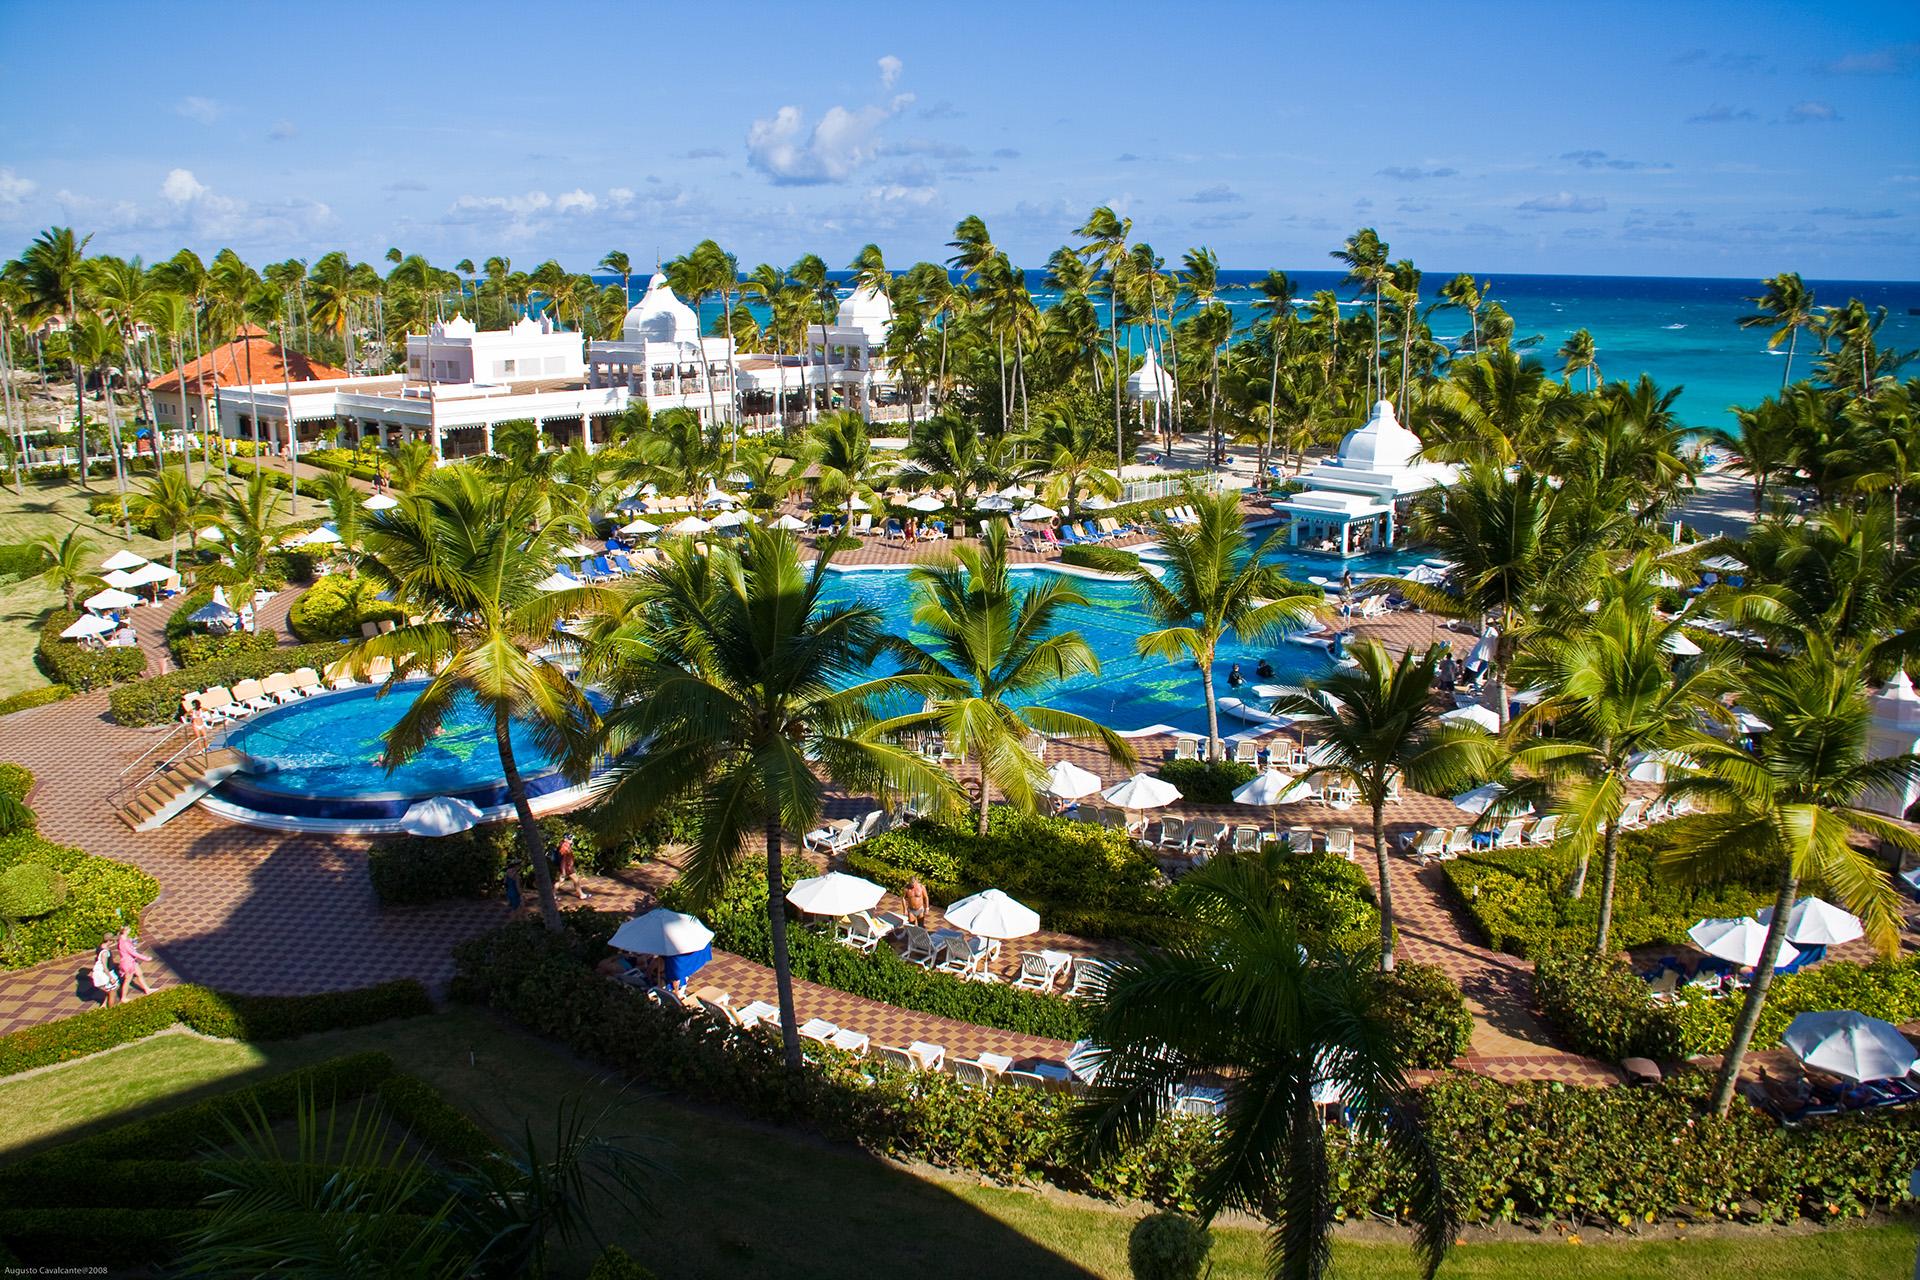 Hotel riu naiboa all inclusive hotel punta cana - Riu Palace Punta Cana